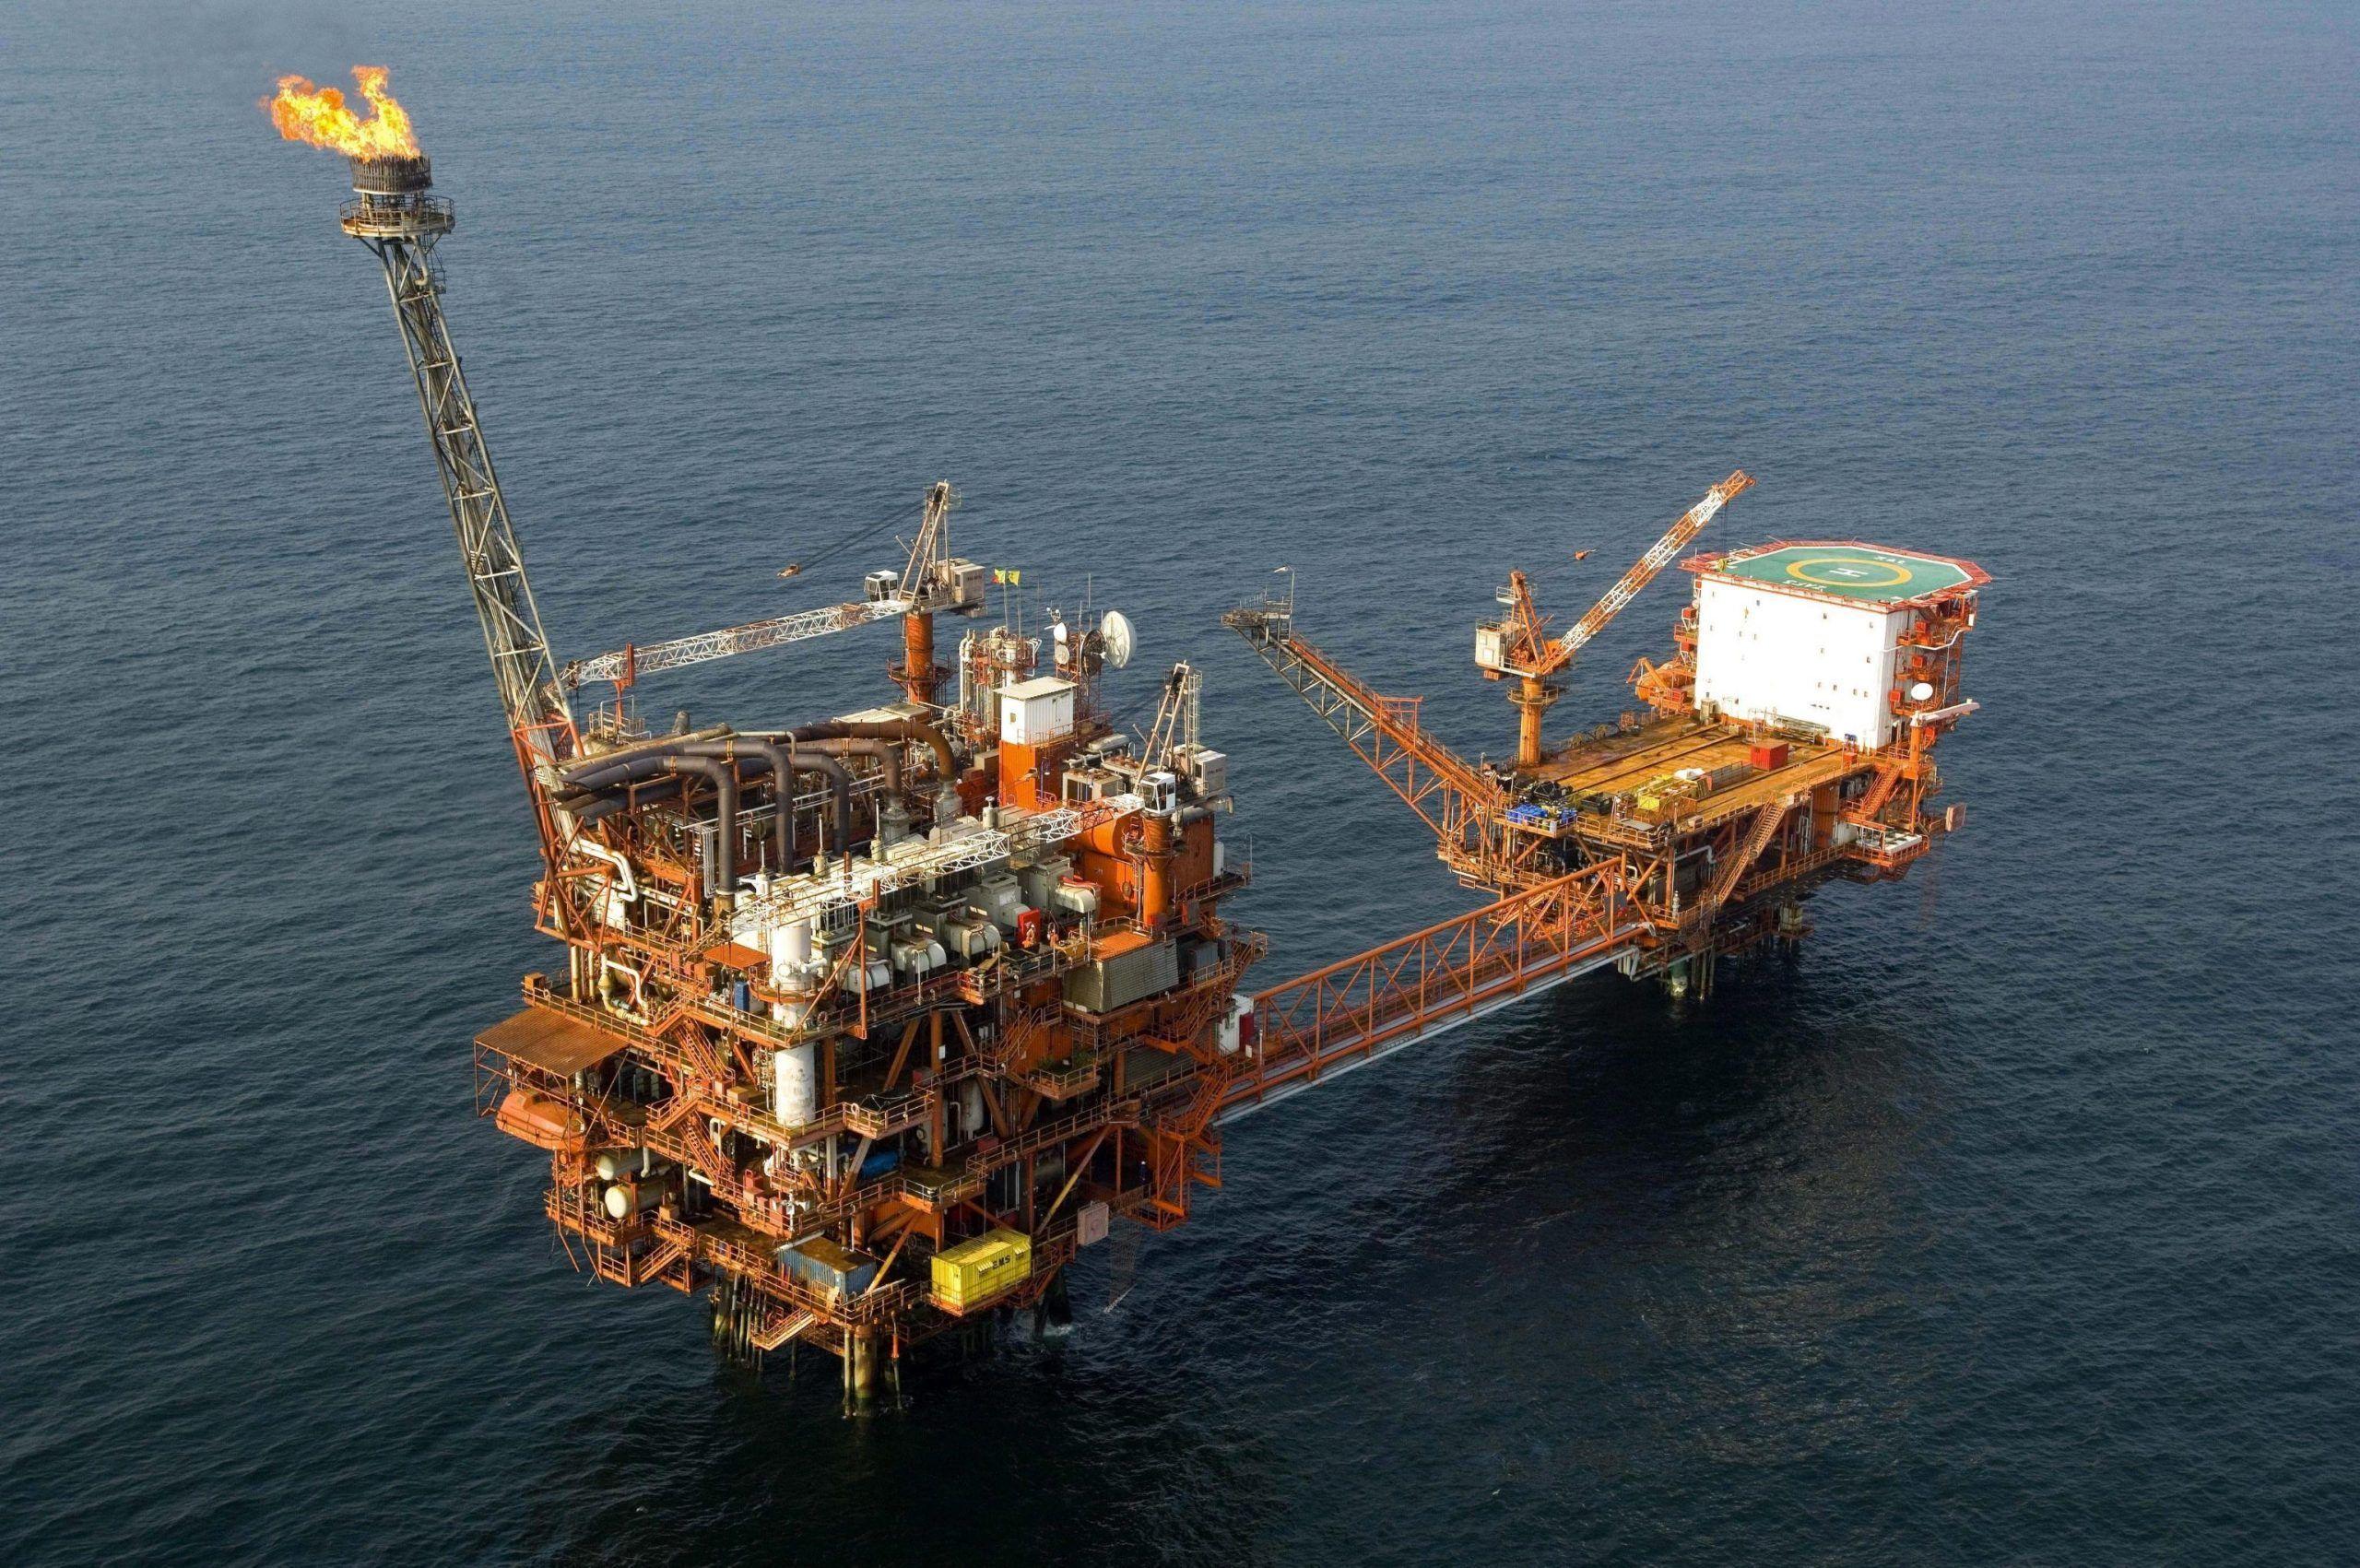 Energia e sviluppo, Eni: 'Bisogna chiudere il gap tra Nord e Sud del mondo'